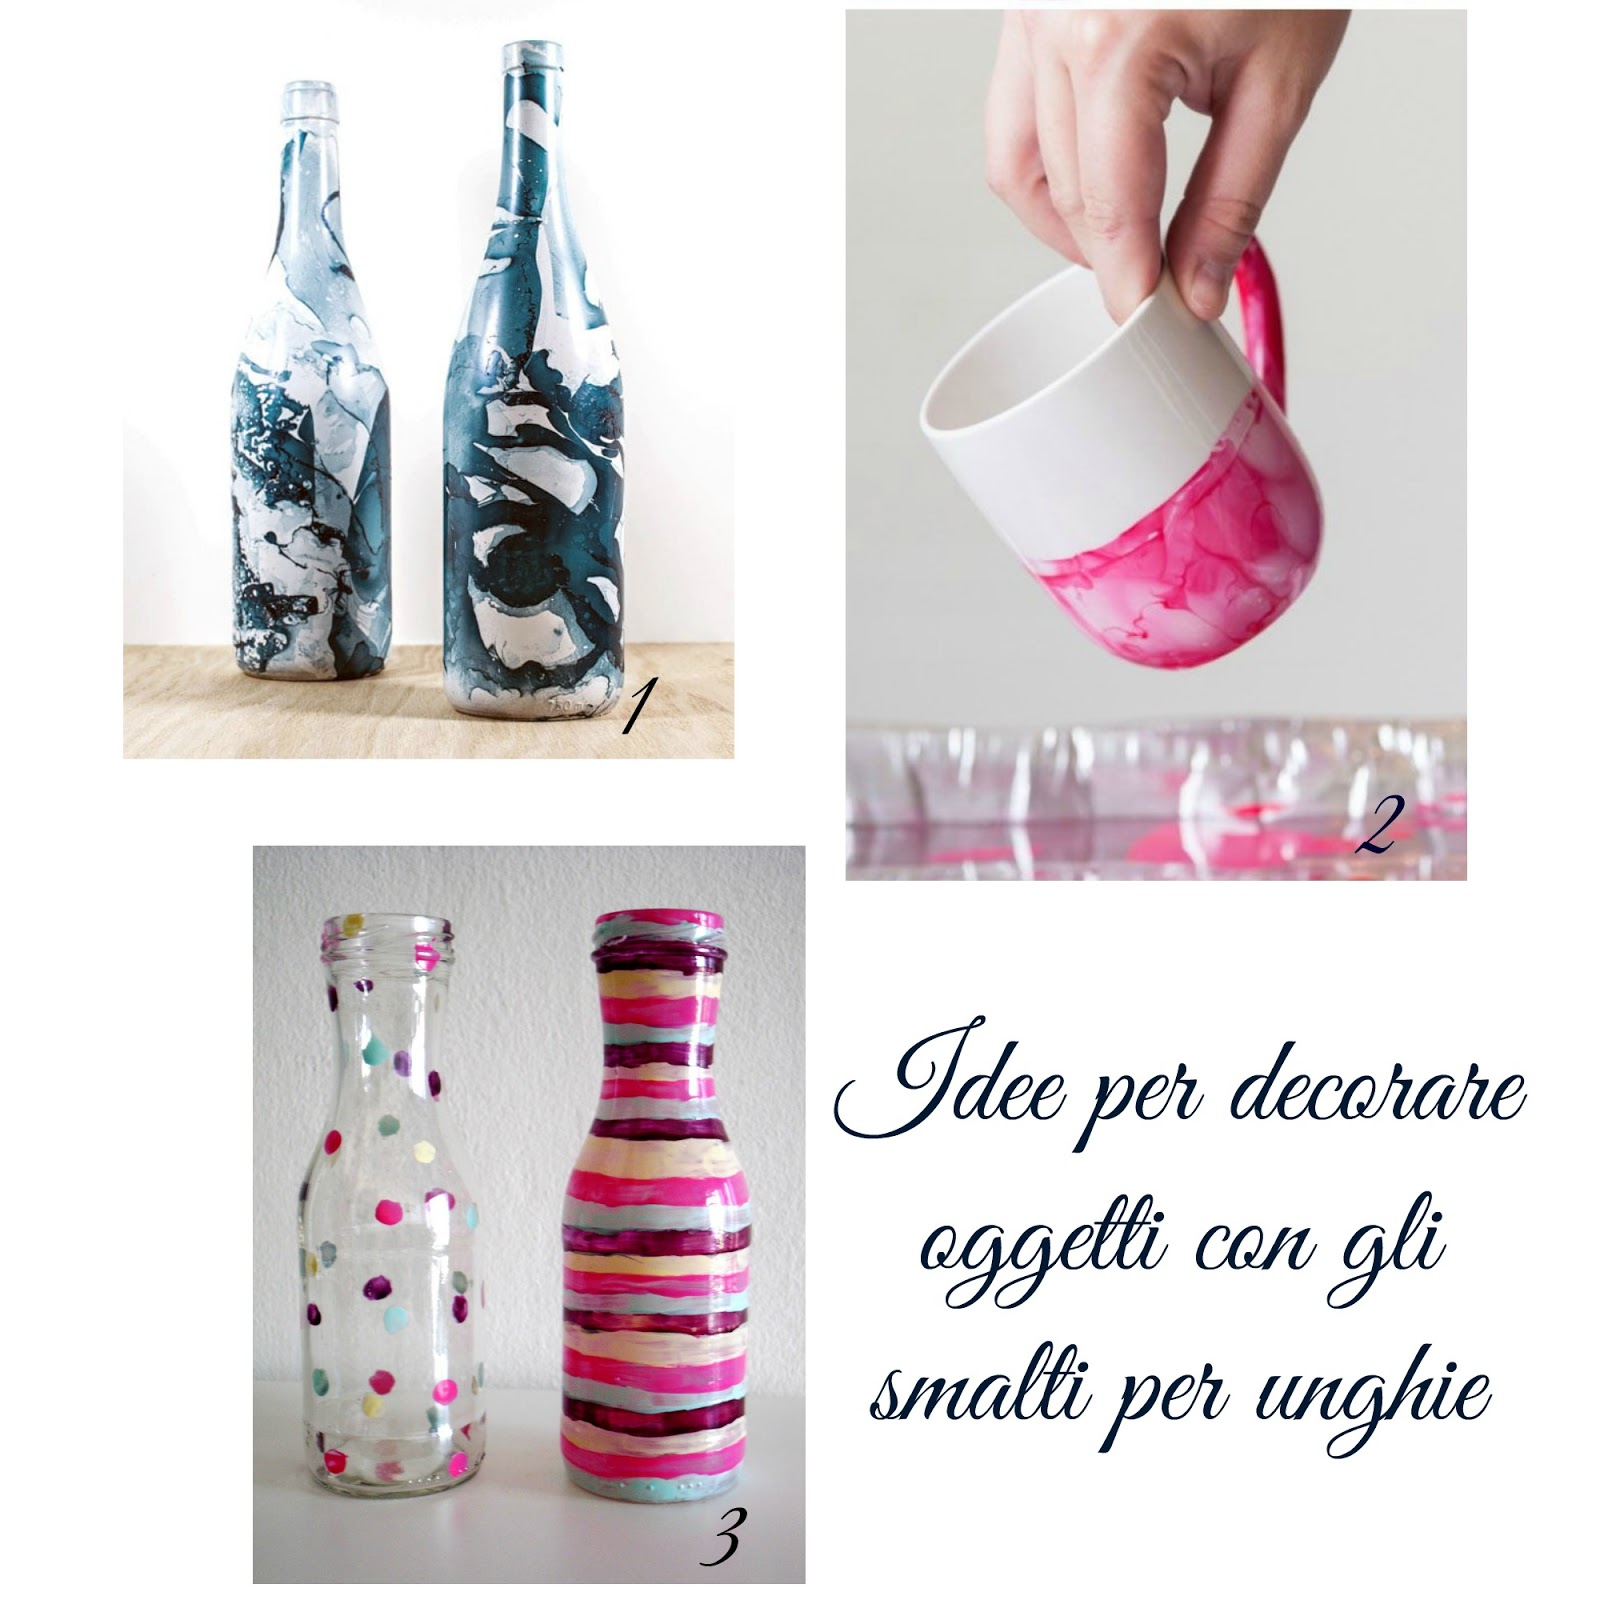 382e6cf38e Idee per decorare oggetti con gli smalti per unghie | donneinpink ...